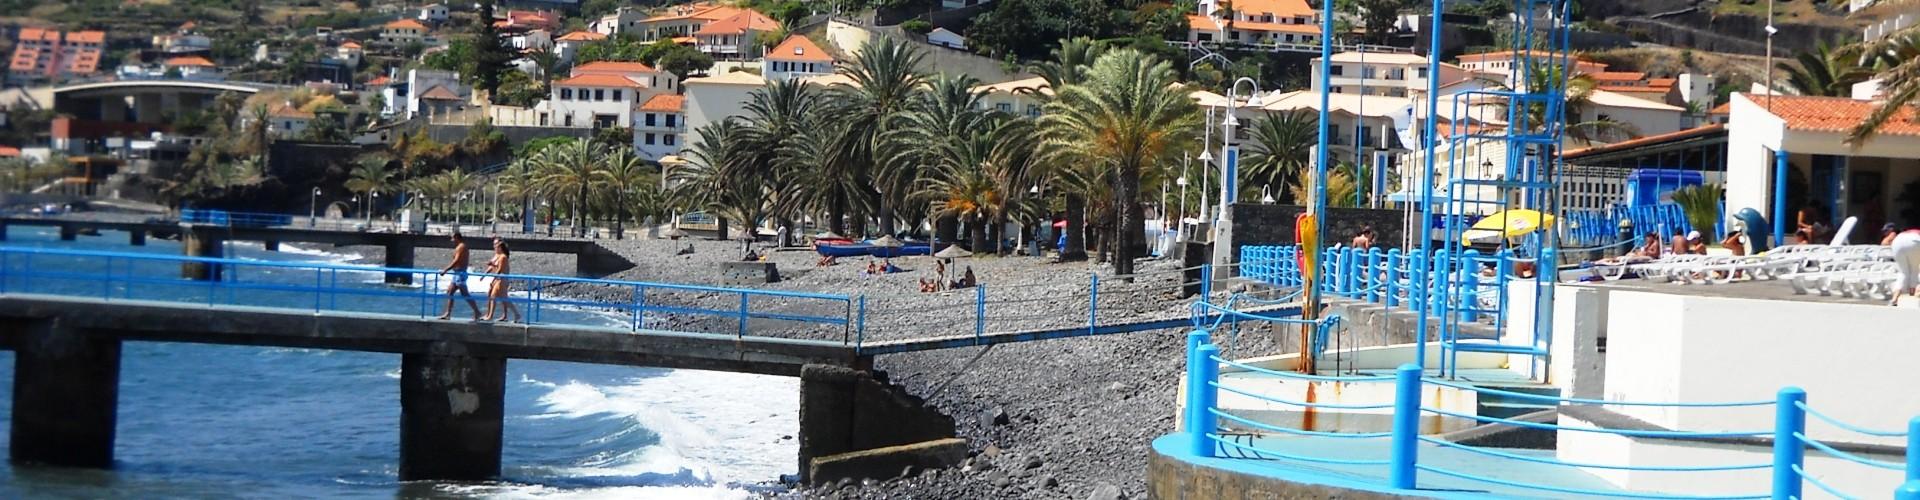 Palmeiras Beach, Santa Cruz, Madeira